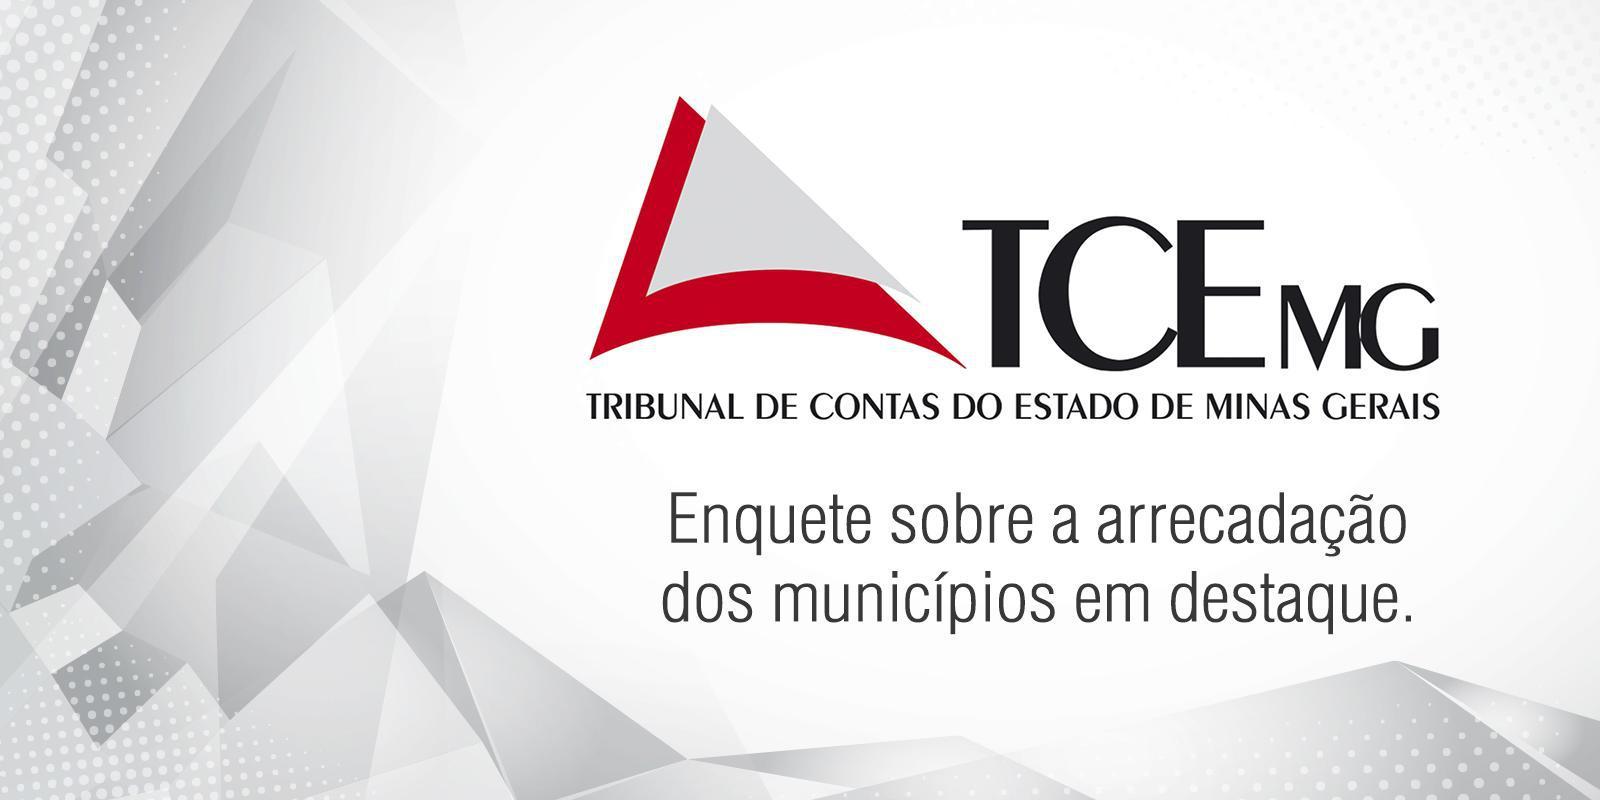 TCEMG promove enquete para a melhora da arrecadação dos municípios